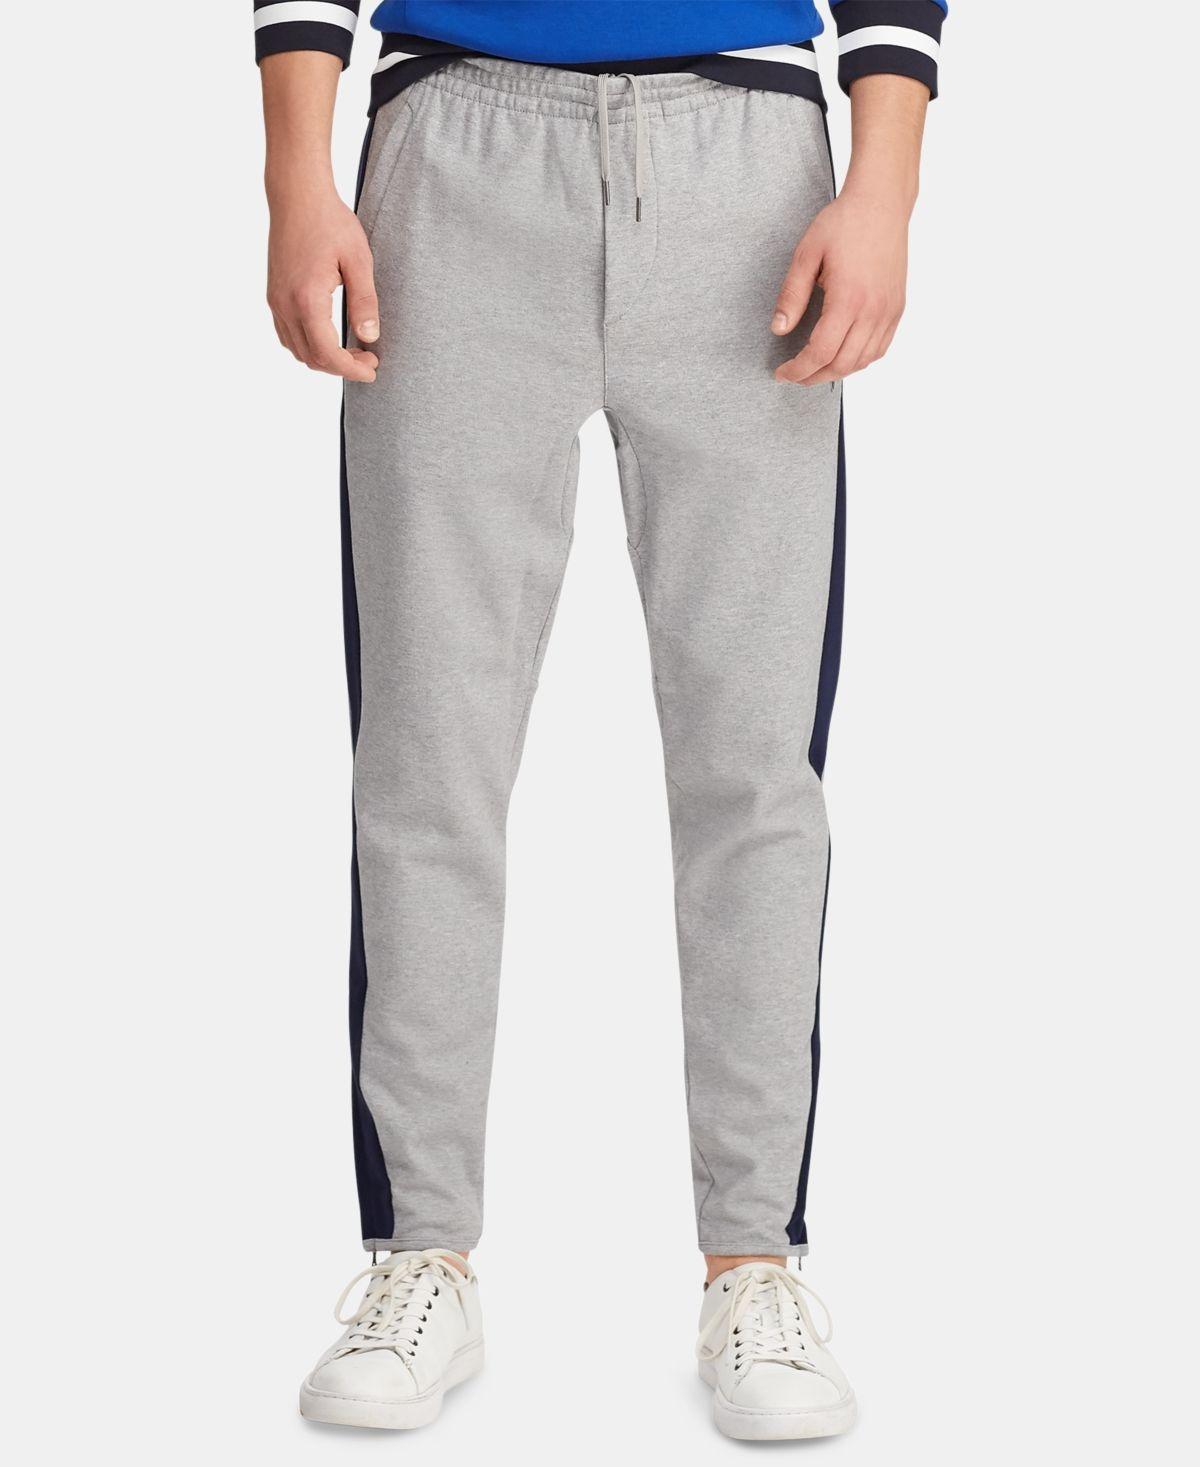 Polo Ralph Lauren Men S Soft Cotton Active Jogger Pants Reviews Pants Men Macy S Polo Ralph Lauren Mens Polo Ralph Lauren Sporty Pants